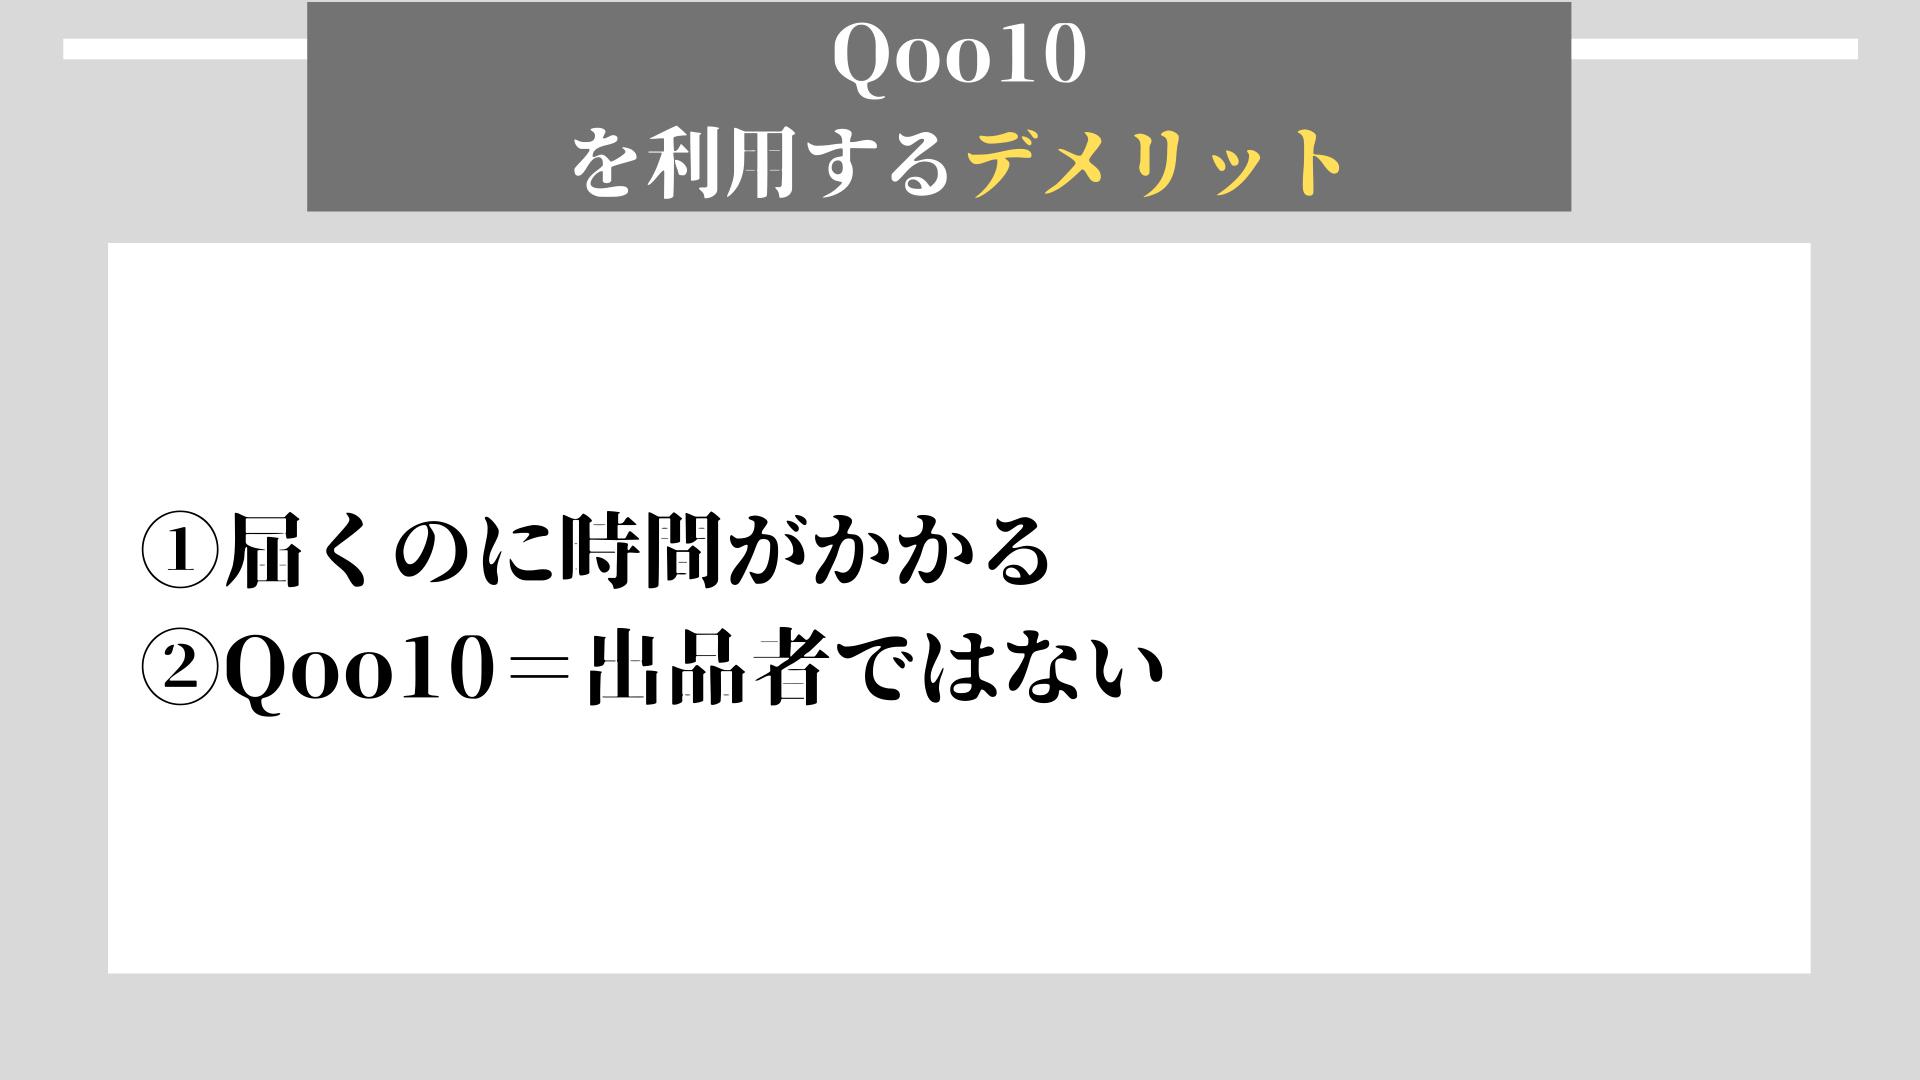 Qoo10 デメリット